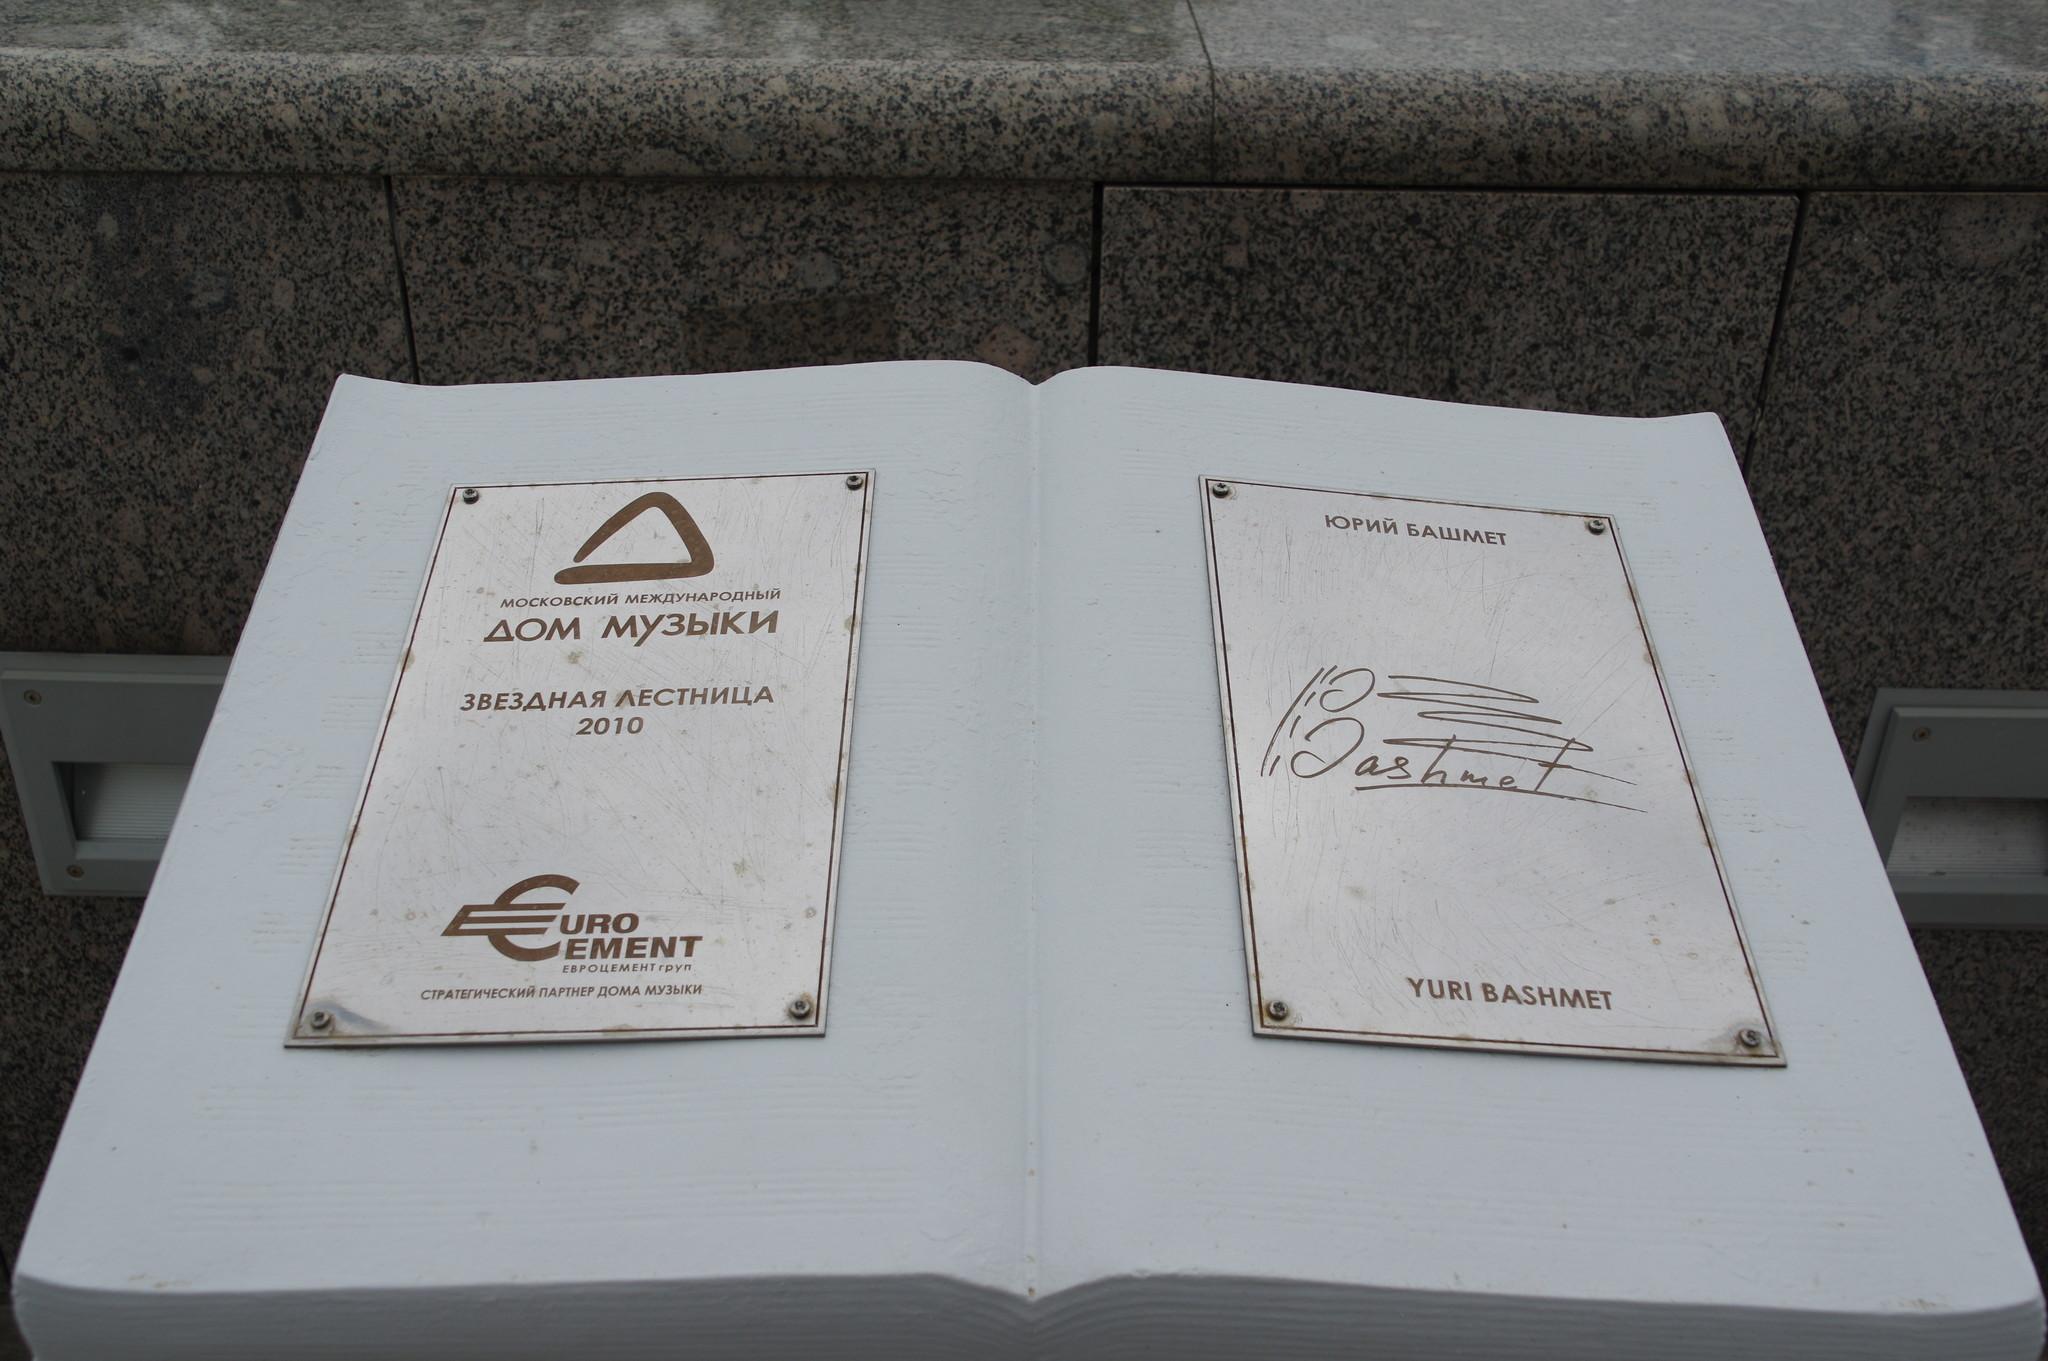 Звёздный автограф Юрия Башмета у главной лестницы, ведущей в Светлановский зал Дома музыки